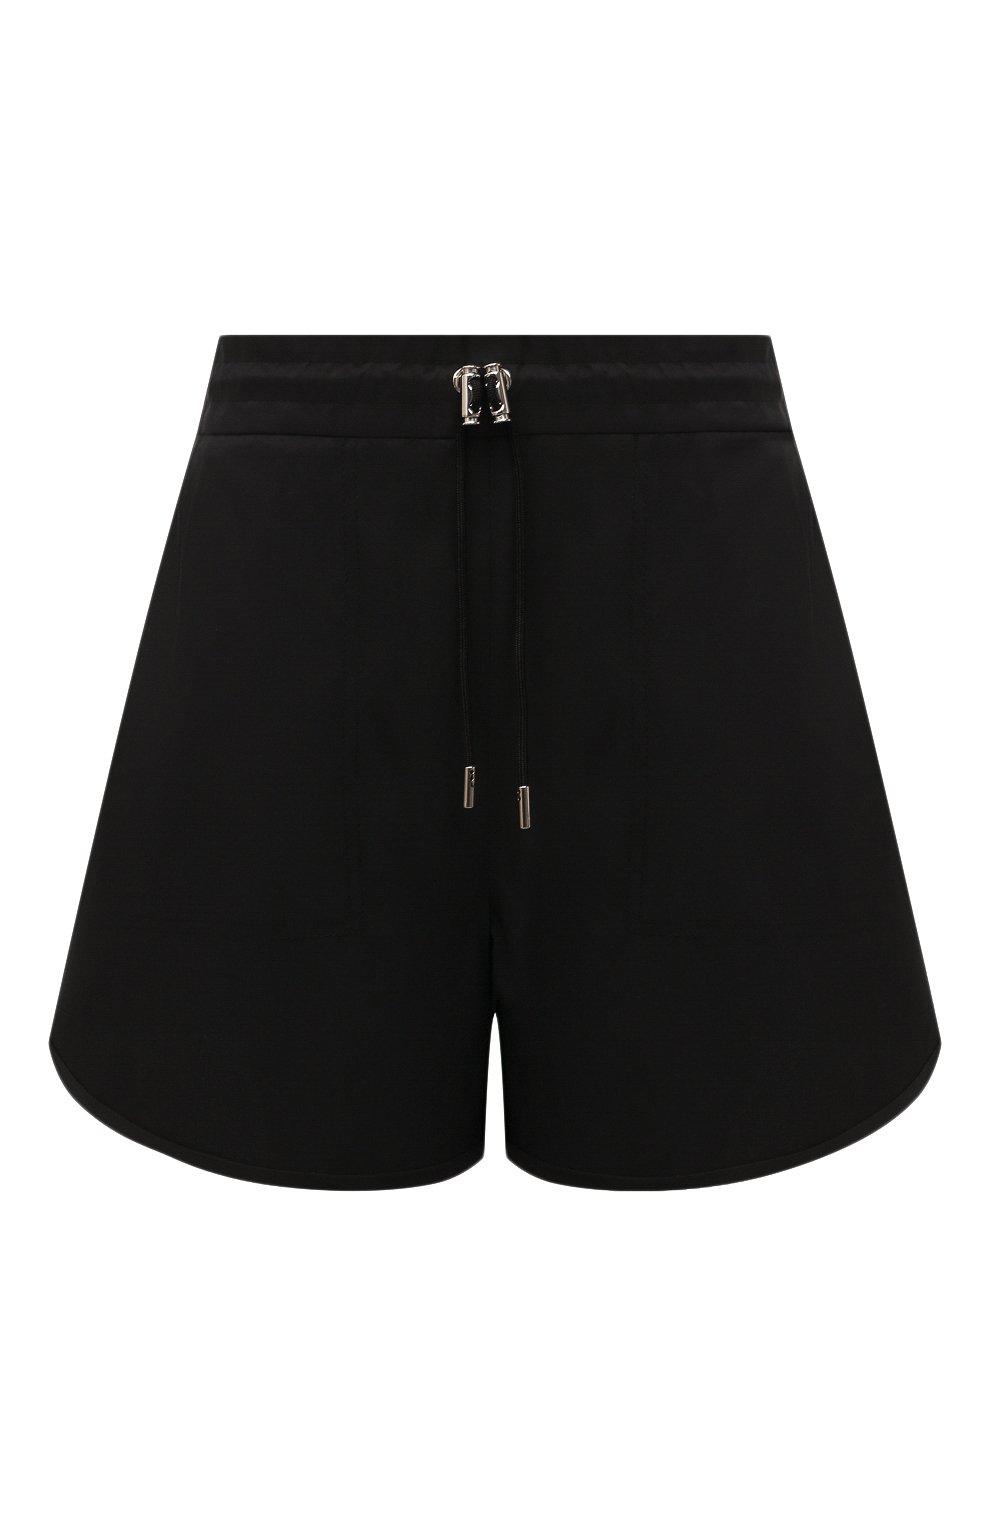 Женские шорты ALEXANDER MCQUEEN черного цвета, арт. 661560/QEACM | Фото 1 (Женское Кросс-КТ: Шорты-одежда; Длина Ж (юбки, платья, шорты): Мини; Материал внешний: Синтетический материал; Стили: Спорт-шик)